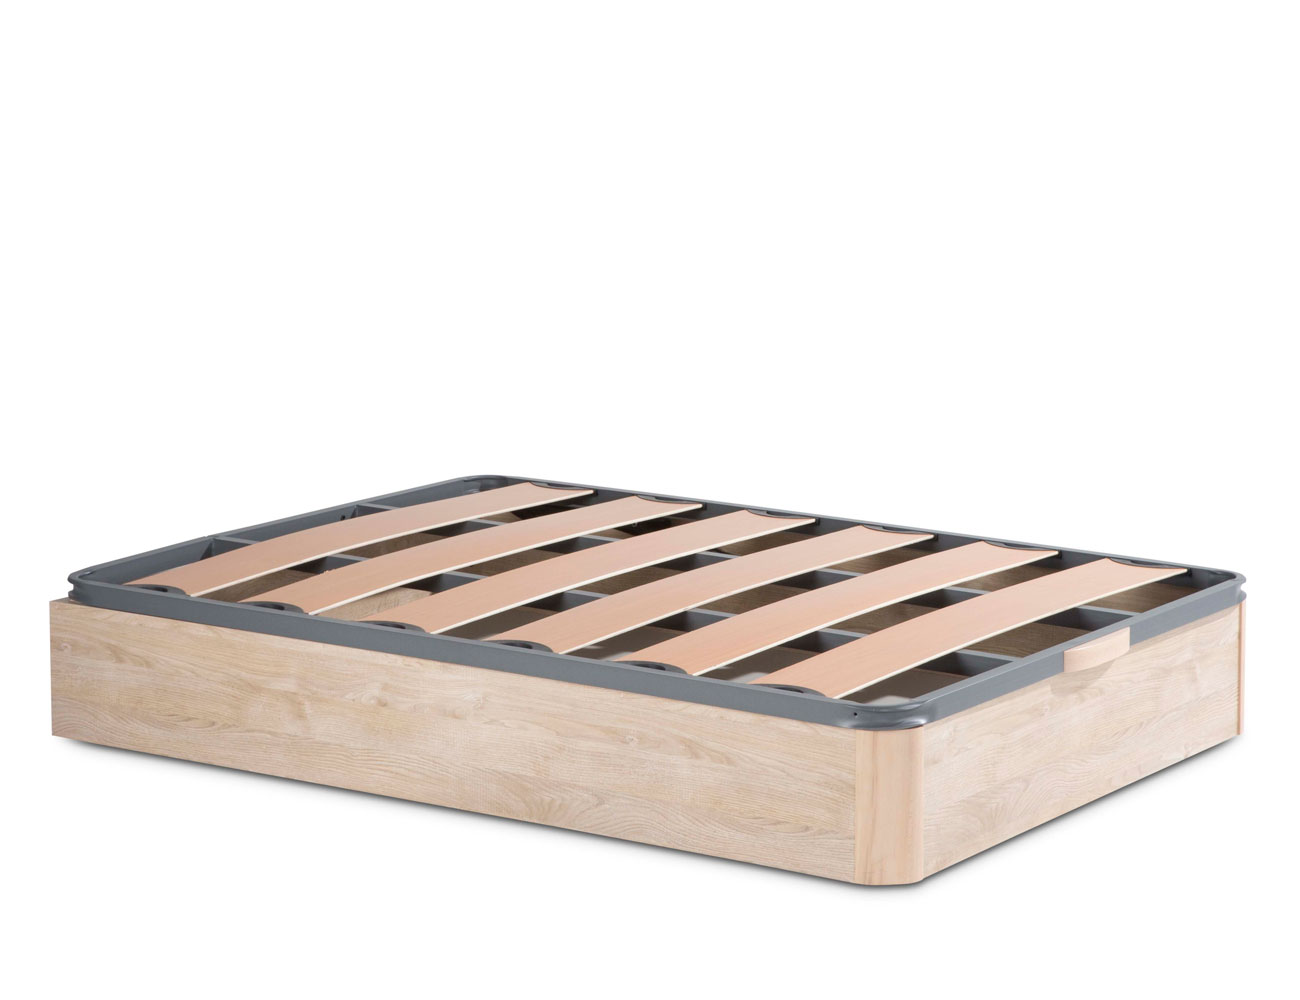 Canape madera somier laminas pvc 7817